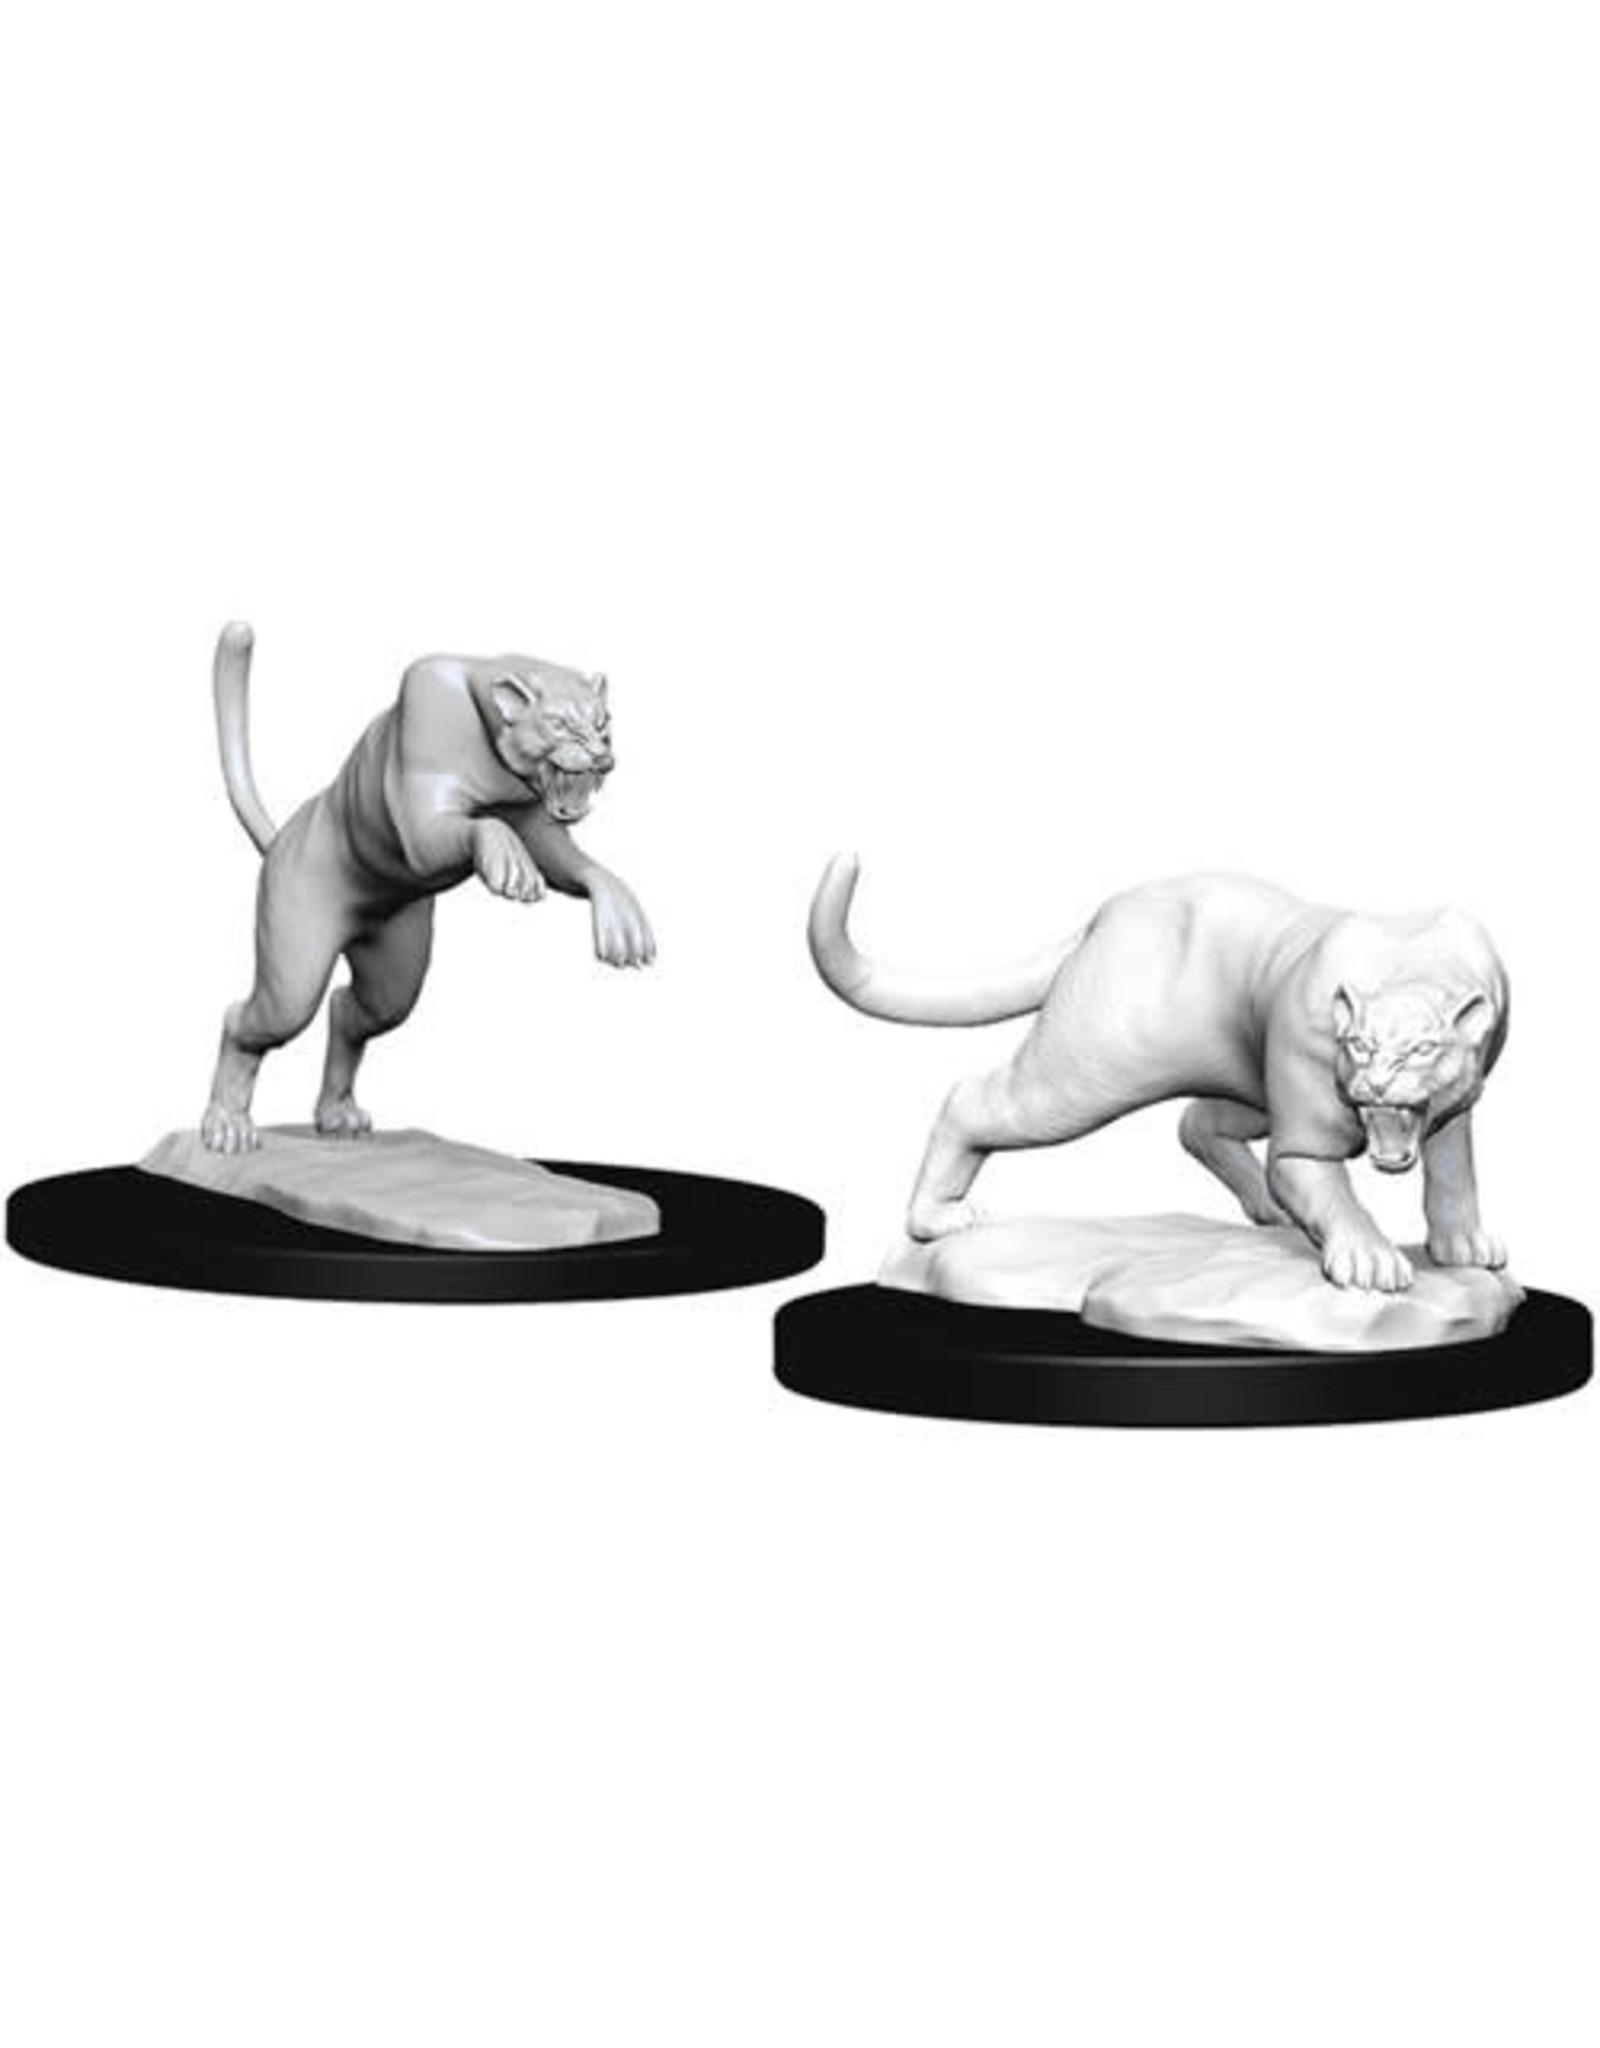 D&D Unpainted Minis: Panther & Leopard